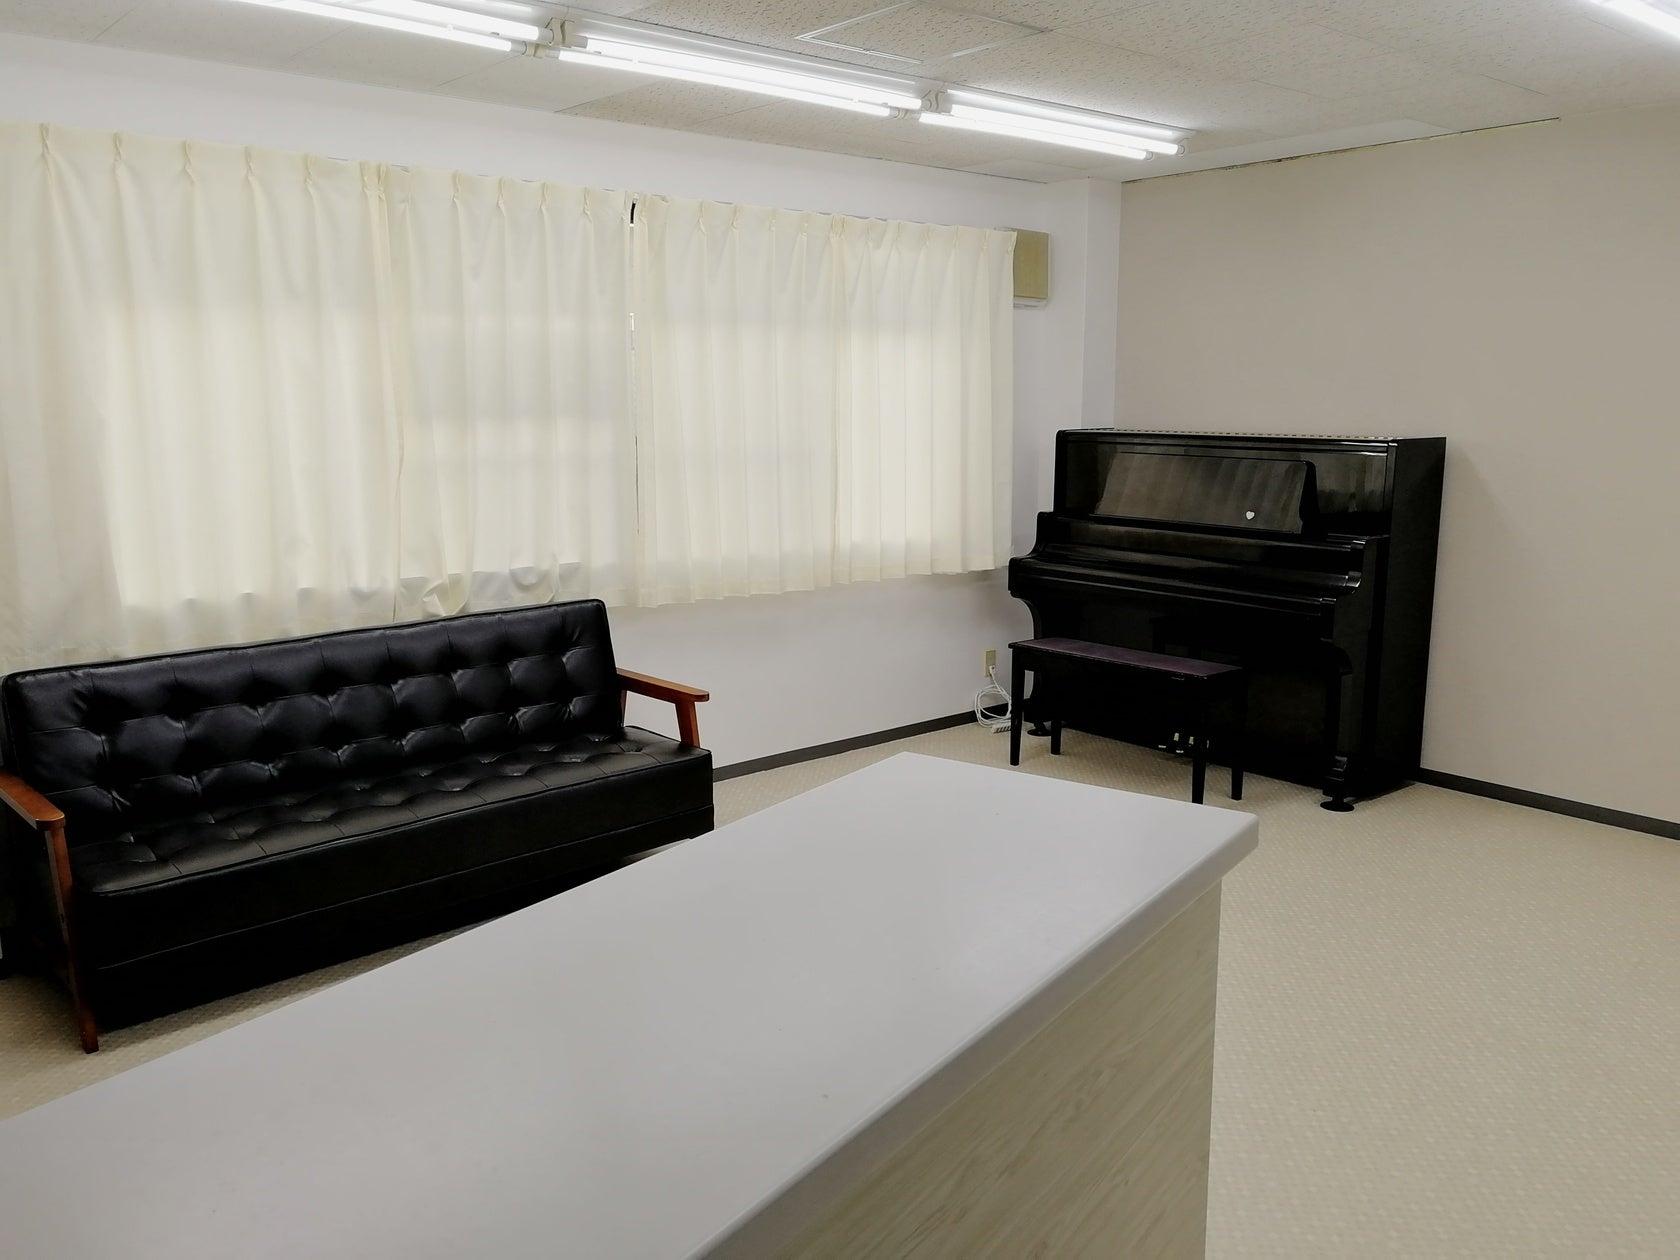 アップライトピアノ、窓に大きなホワイトボード有り!少人数でのご利用に最適。